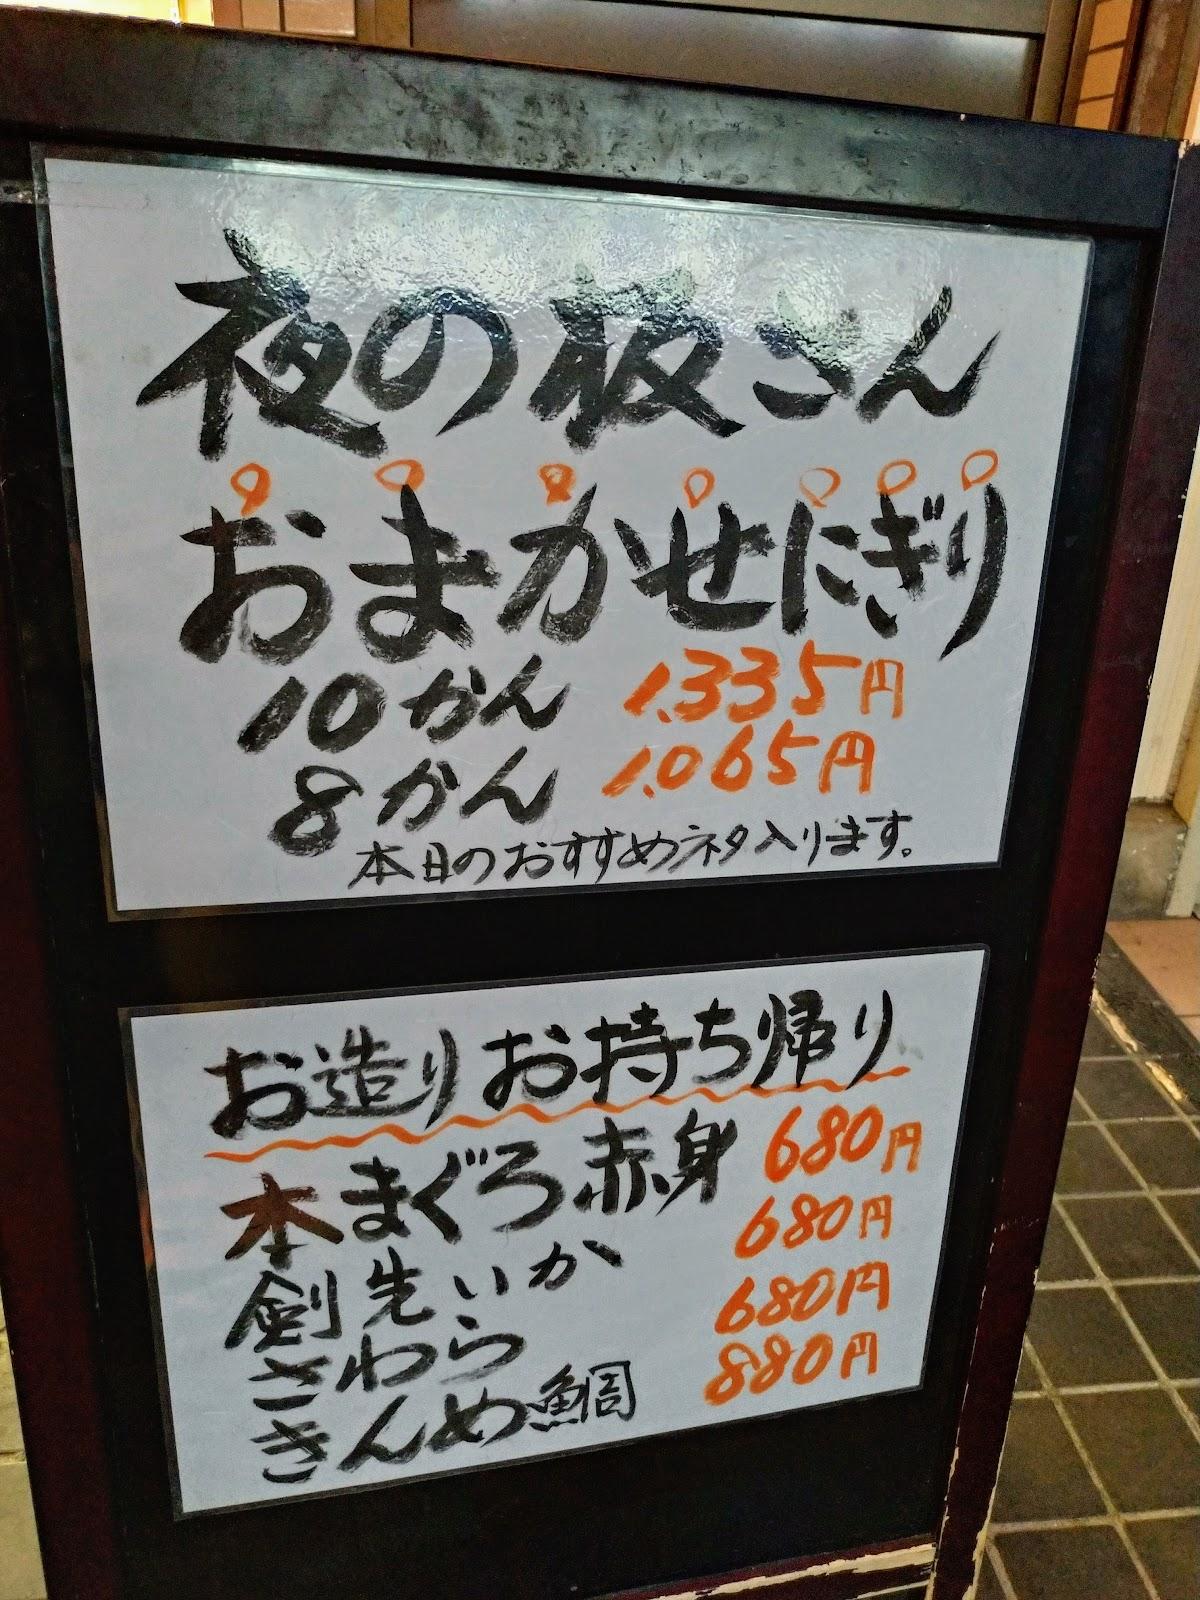 夜の板前さんおまかせにぎりとお持ち帰り|大阪府堺市初芝駅近くの「一作鮨」へ